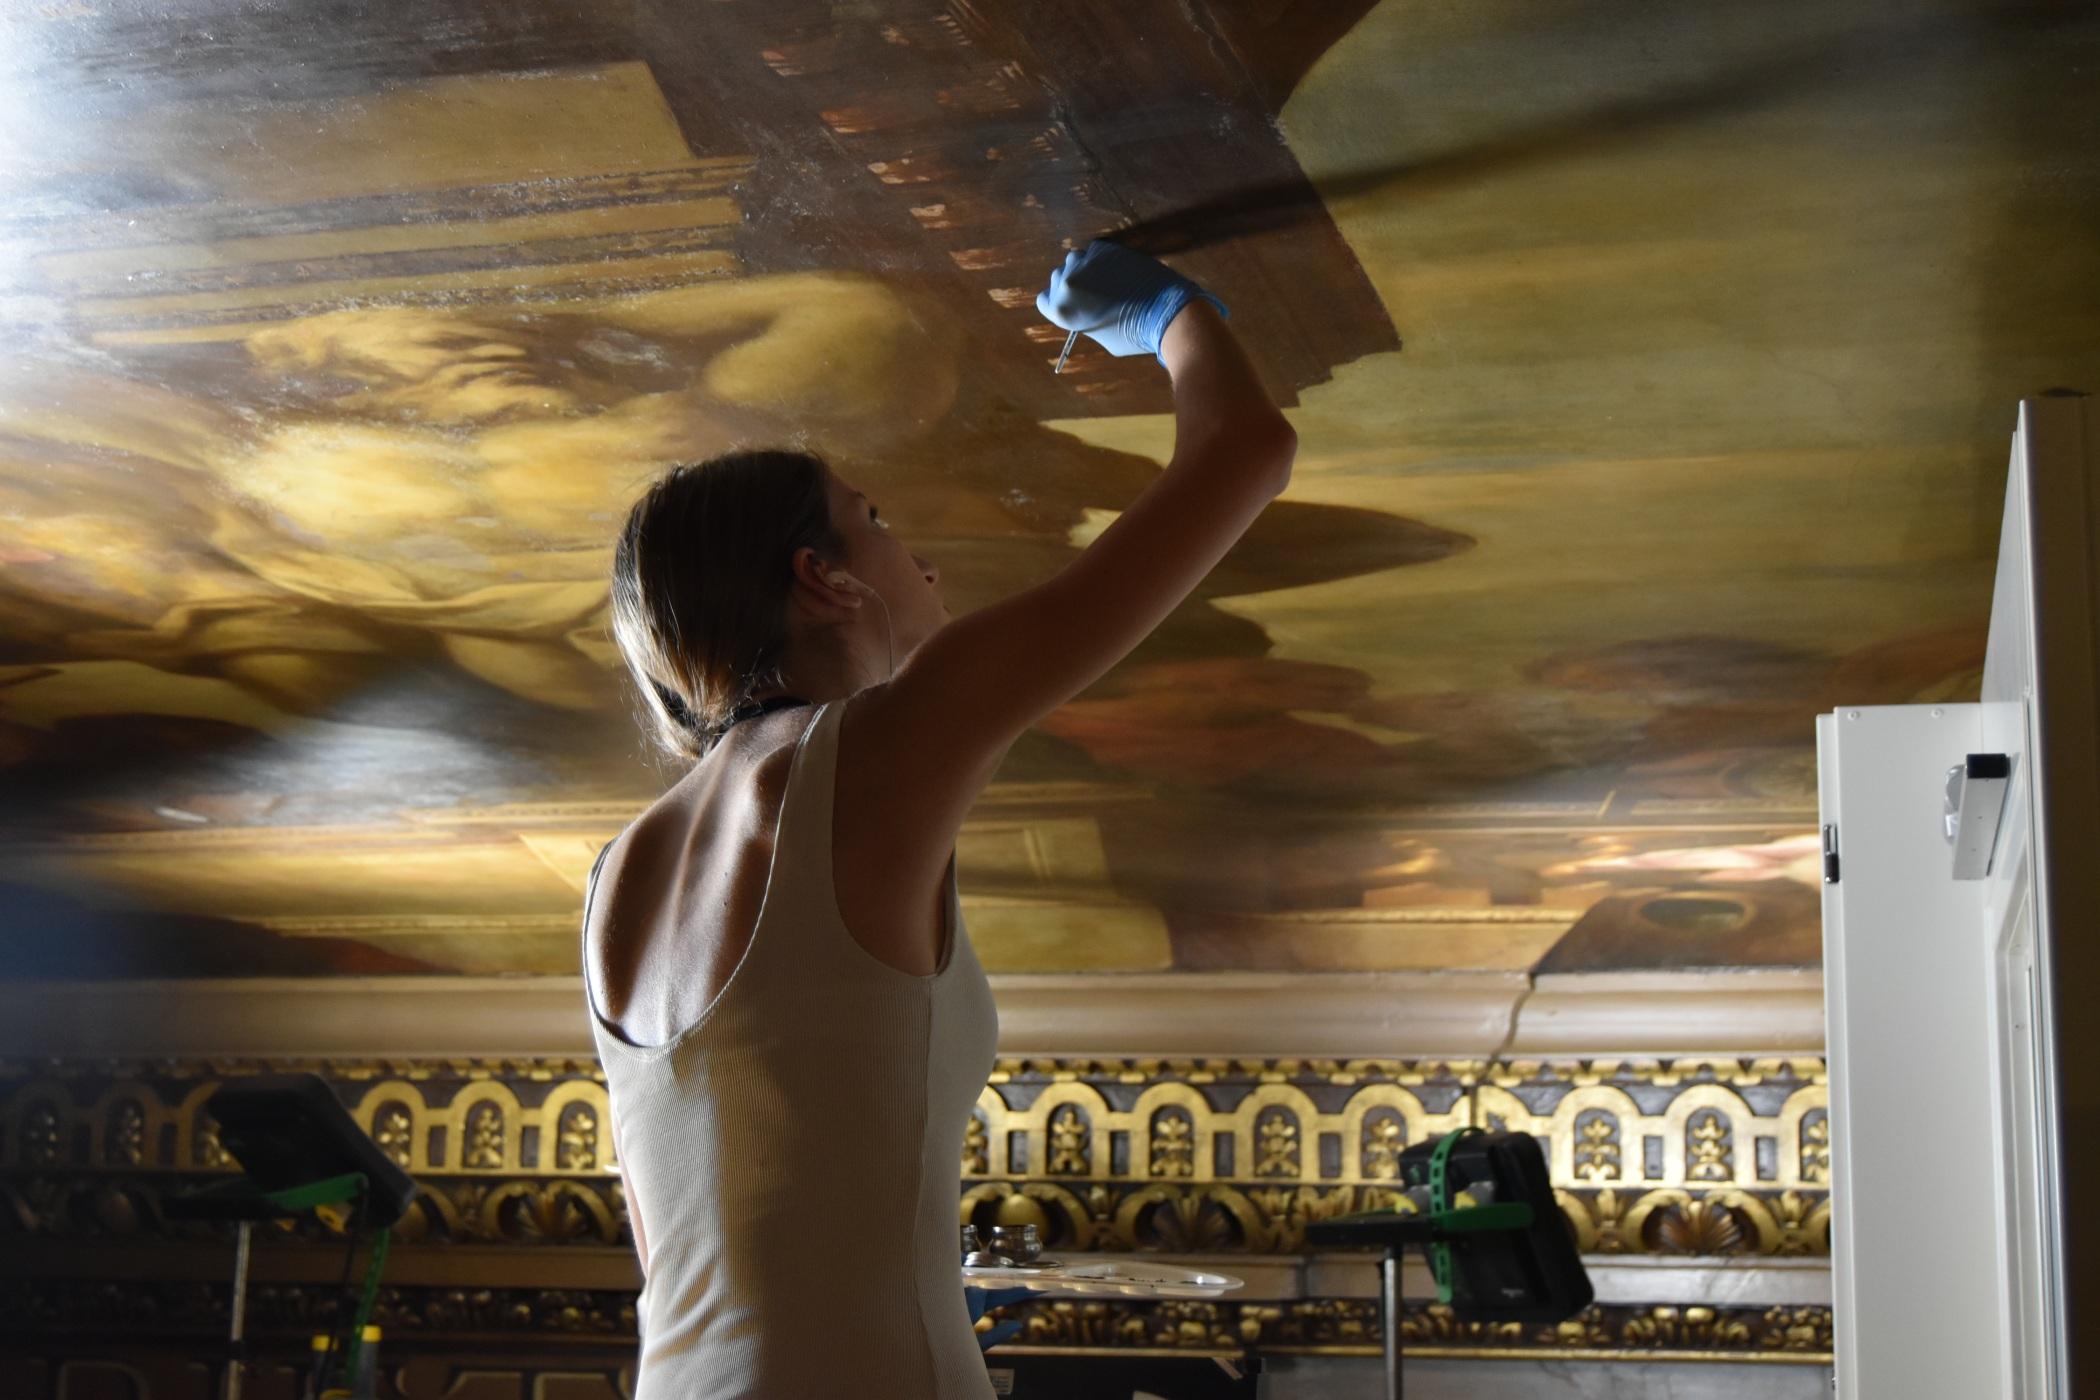 Restaurátoři barokní malbu jemně čistí, zacelují drobné prasklinky a fixují.